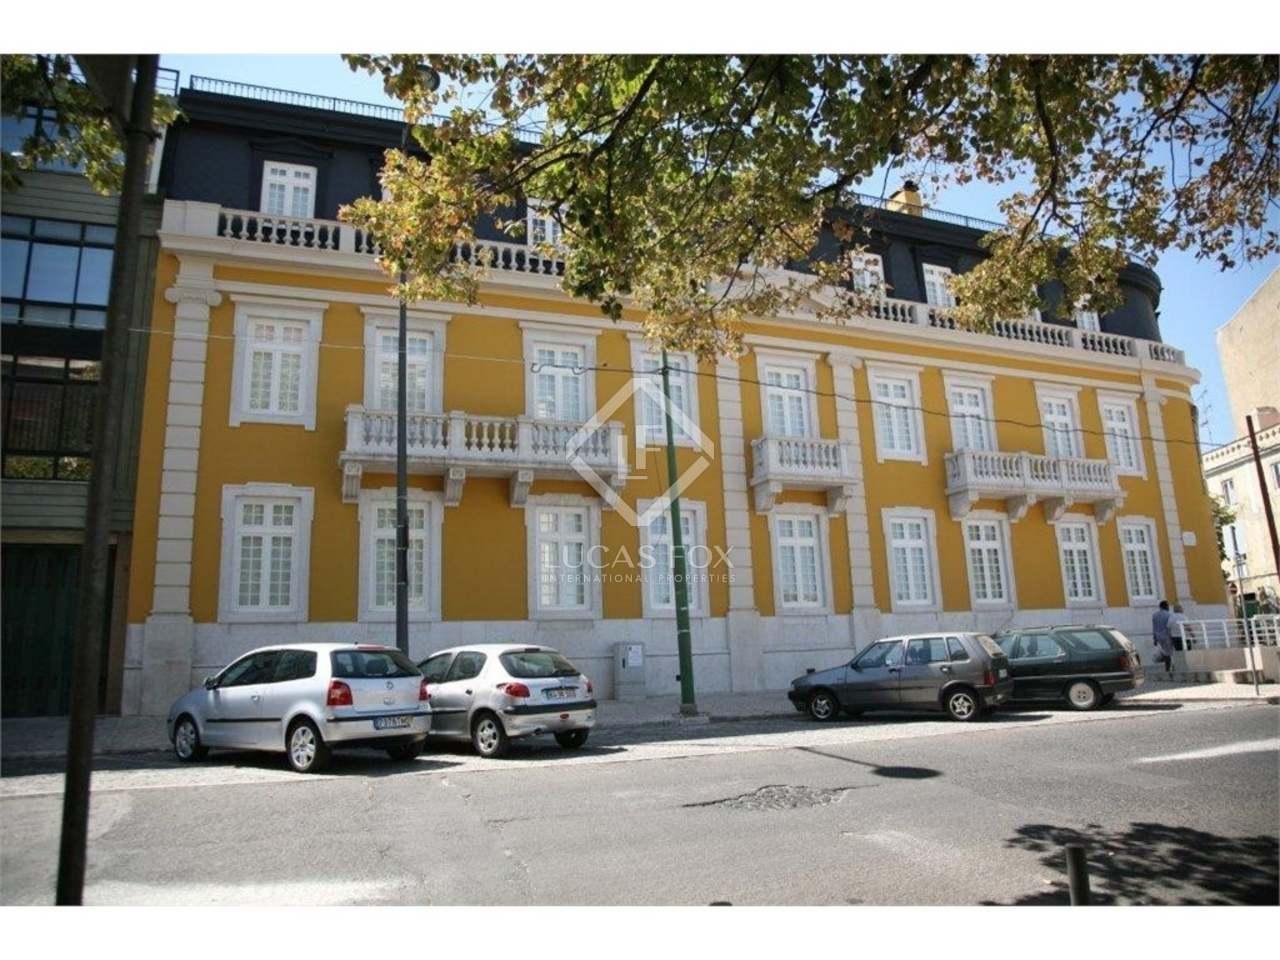 306m wohnung zum verkauf in lissabon stadt portugal. Black Bedroom Furniture Sets. Home Design Ideas